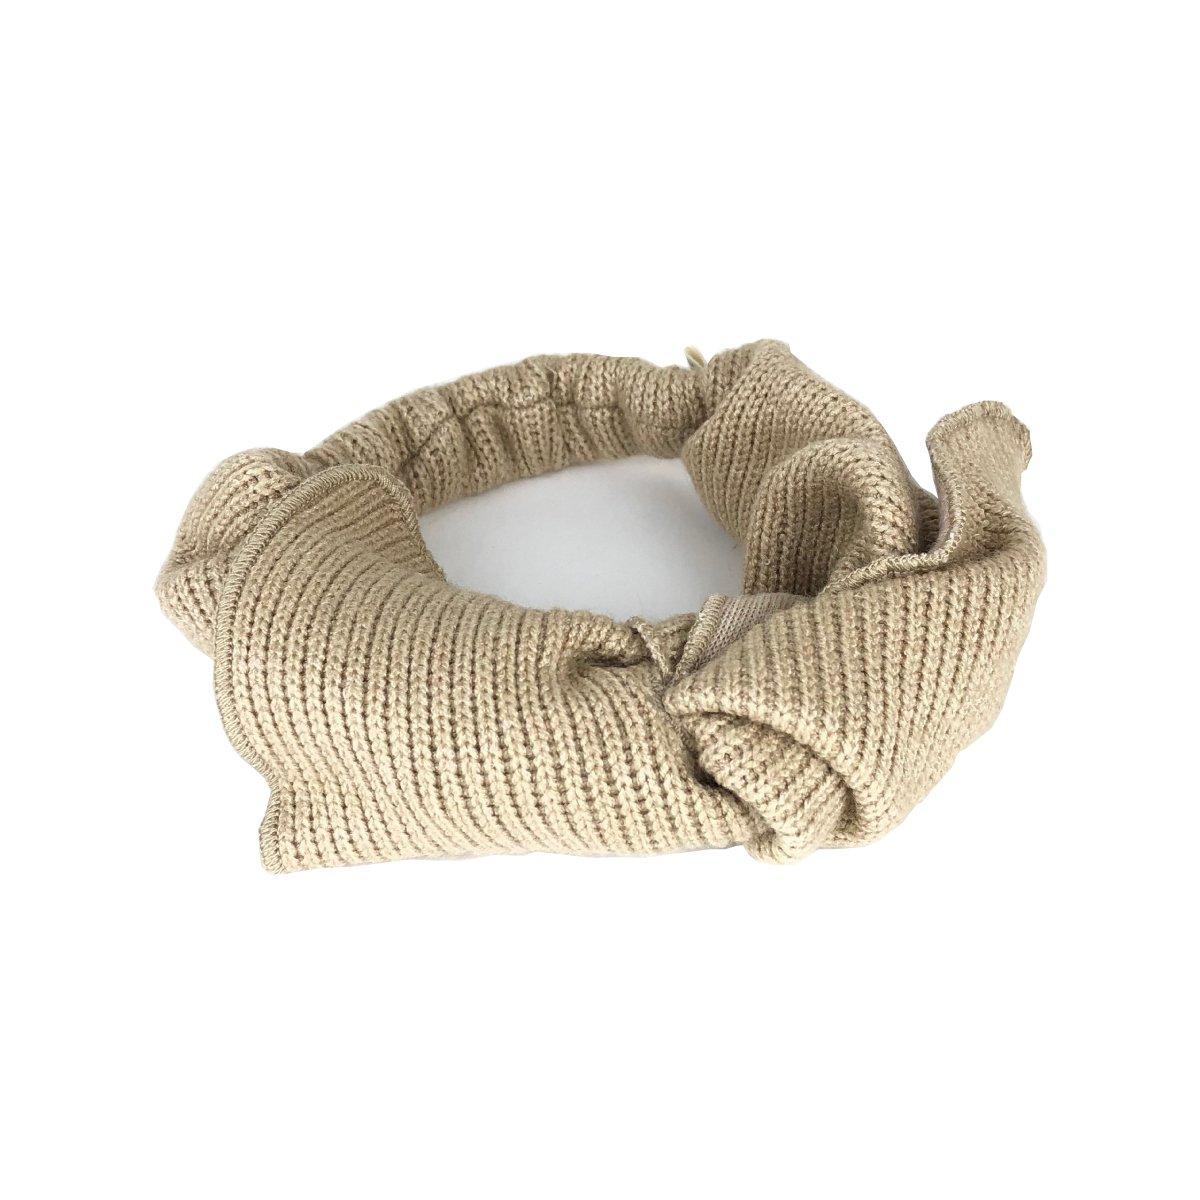 【BABY】Baby Knit Turban 詳細画像2